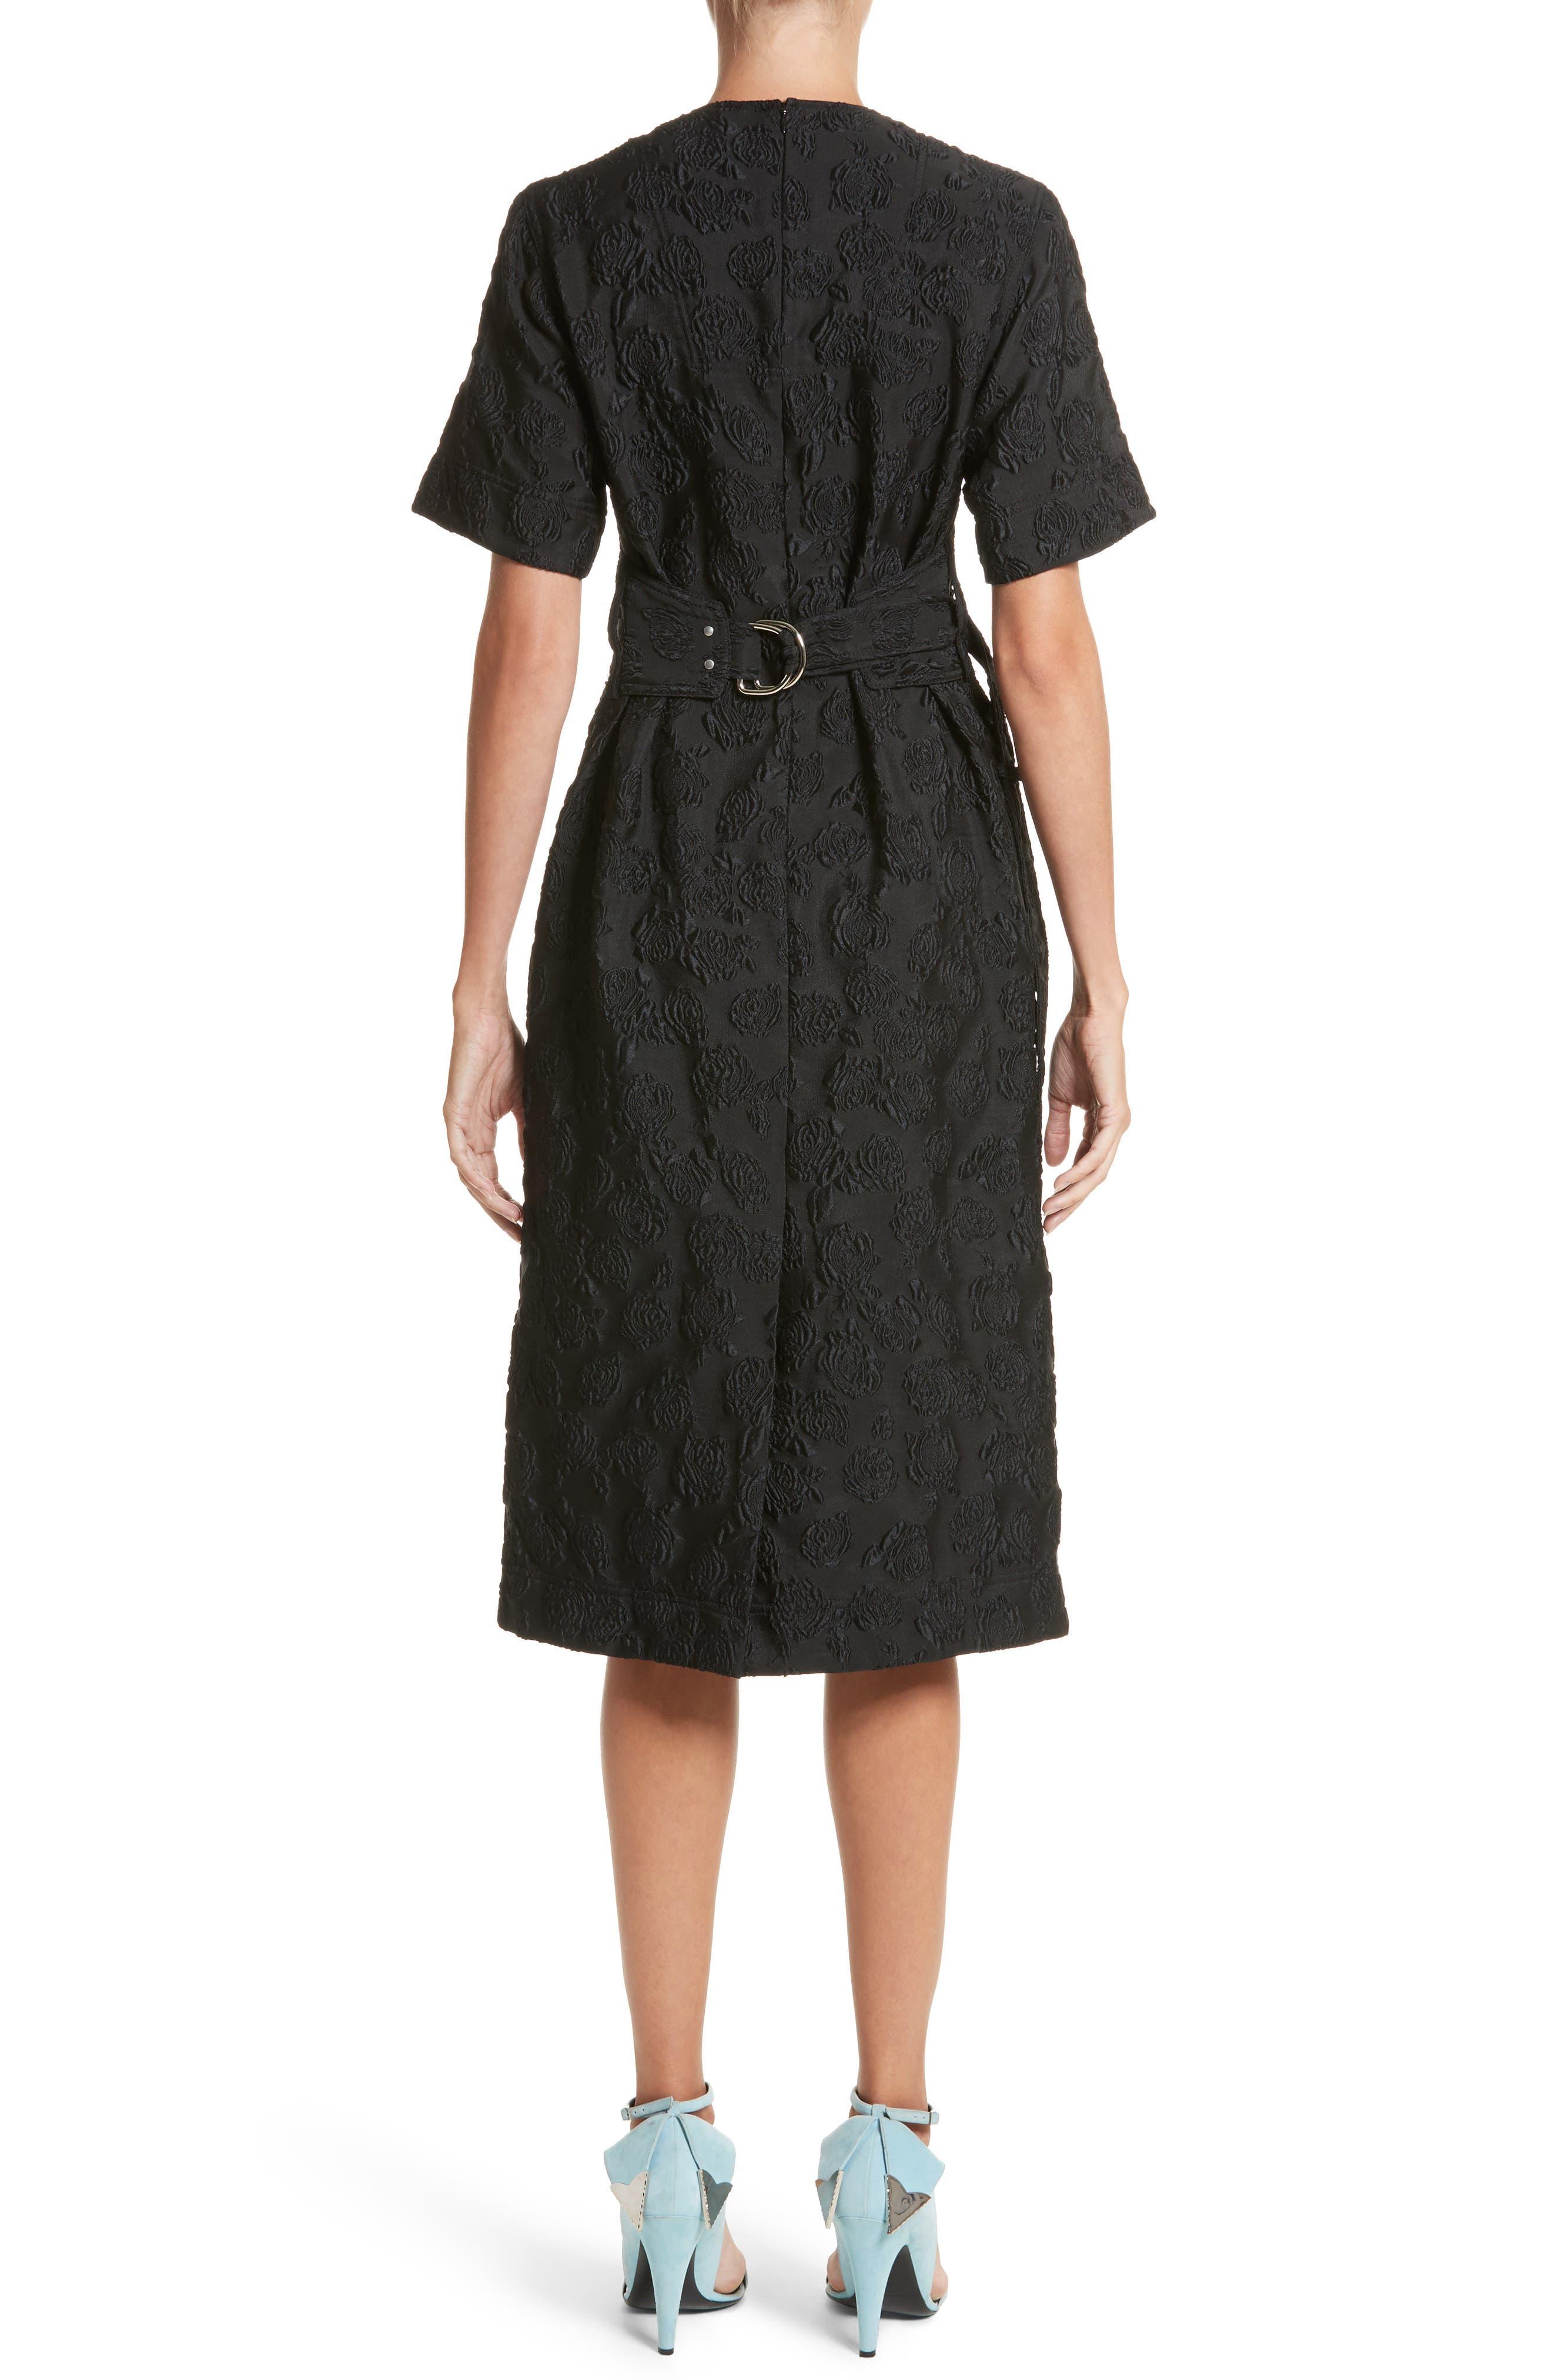 Rose Jacquard Dress,                             Alternate thumbnail 2, color,                             Black